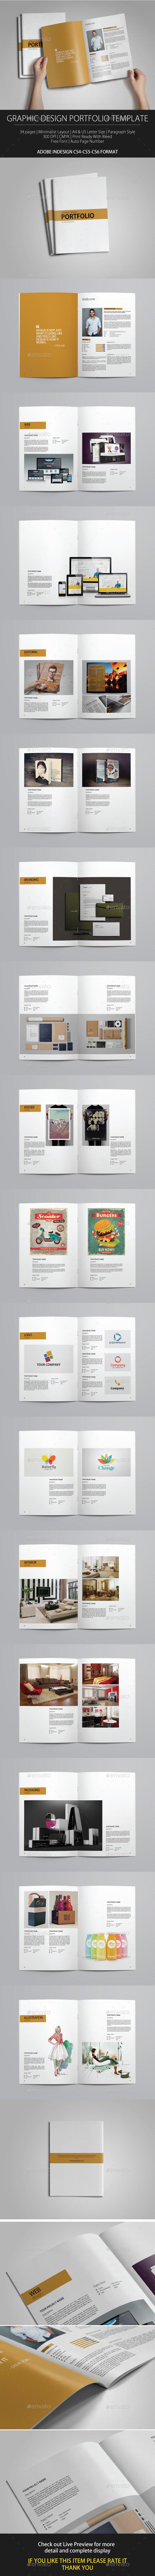 Graphic Design Portfolio vol 1 - Portfolio Brochures